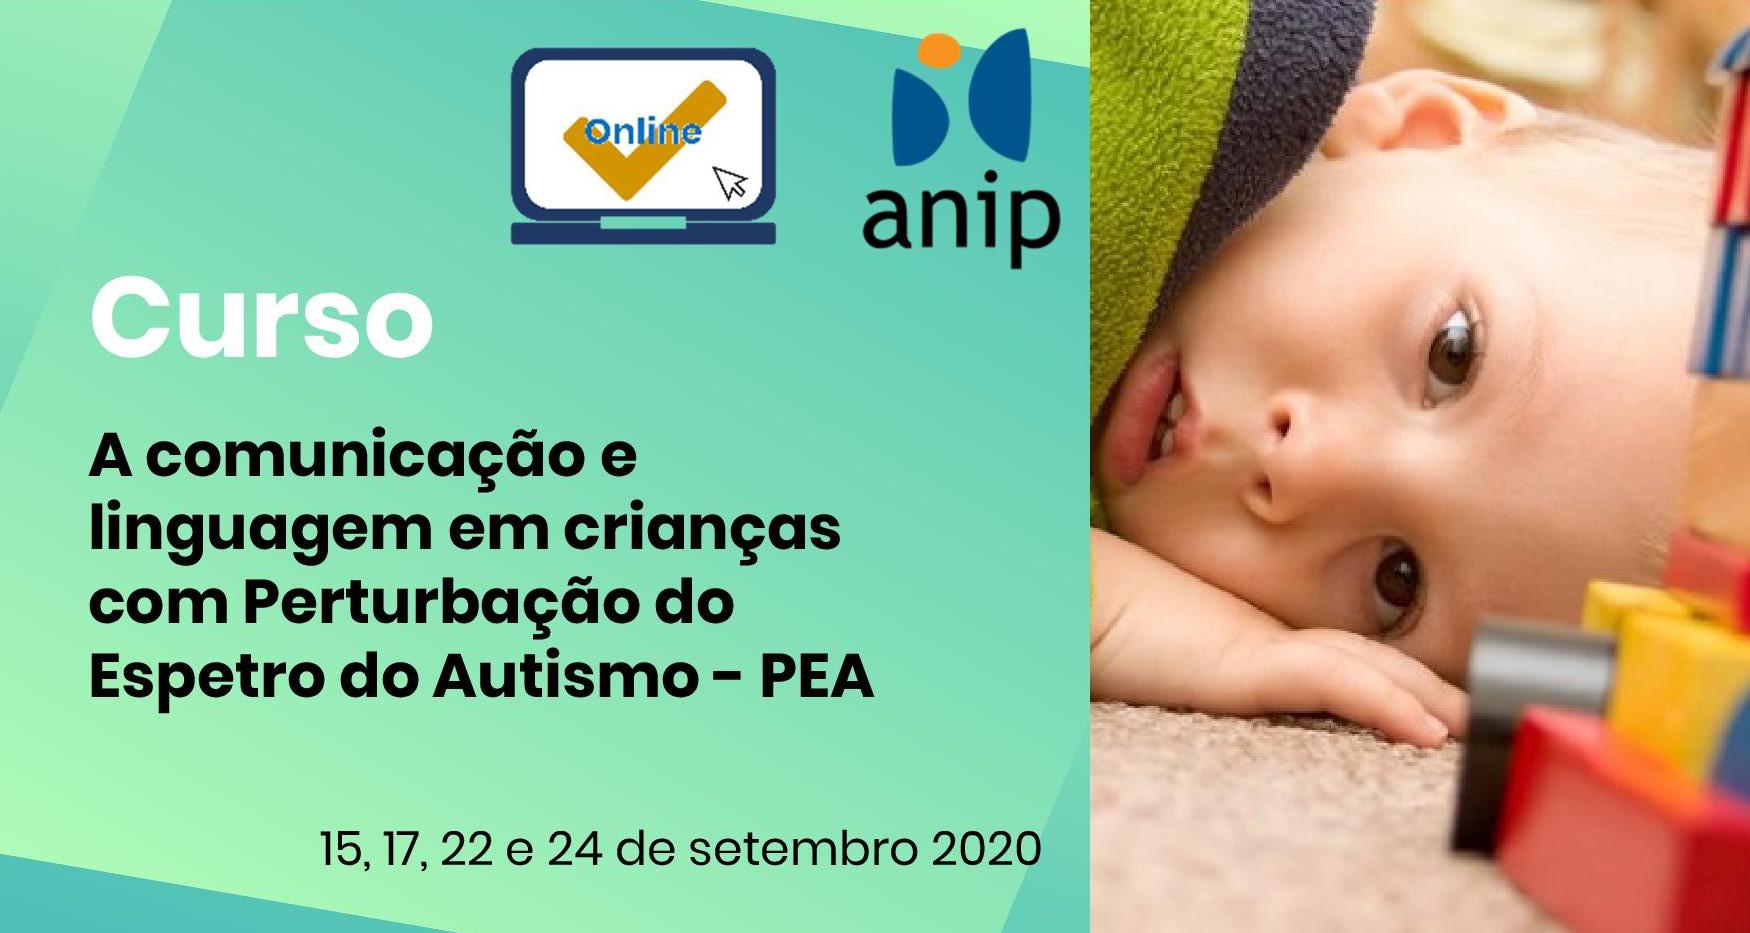 Comunicação e Linguagem em crianças com Autismo – PEA (online)